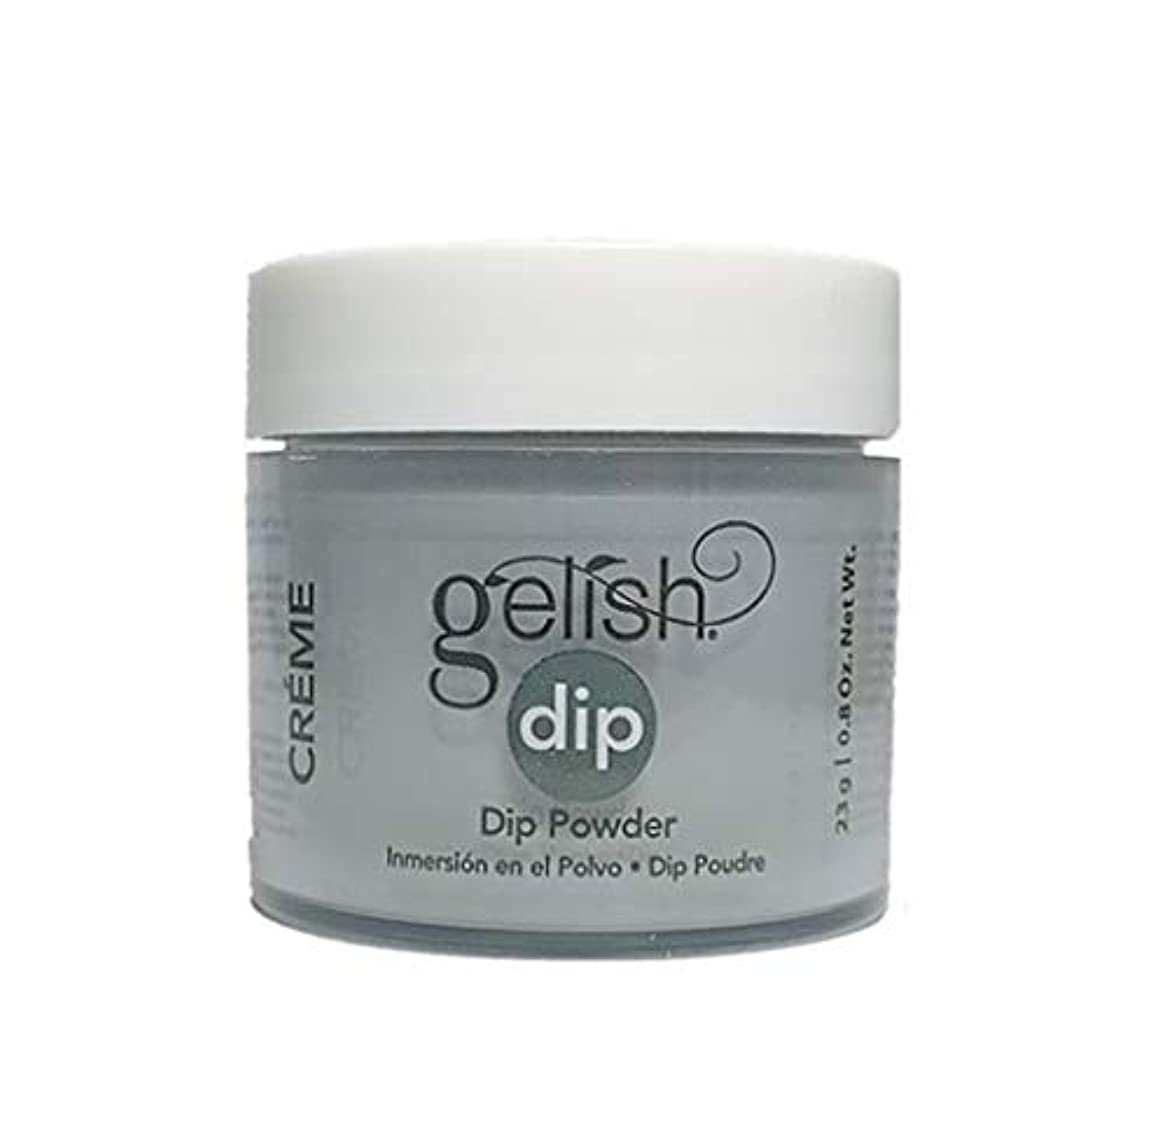 確認してください統合する担保Harmony Gelish - Dip Powder - Fashion Week Chic - 23g / 0.8oz